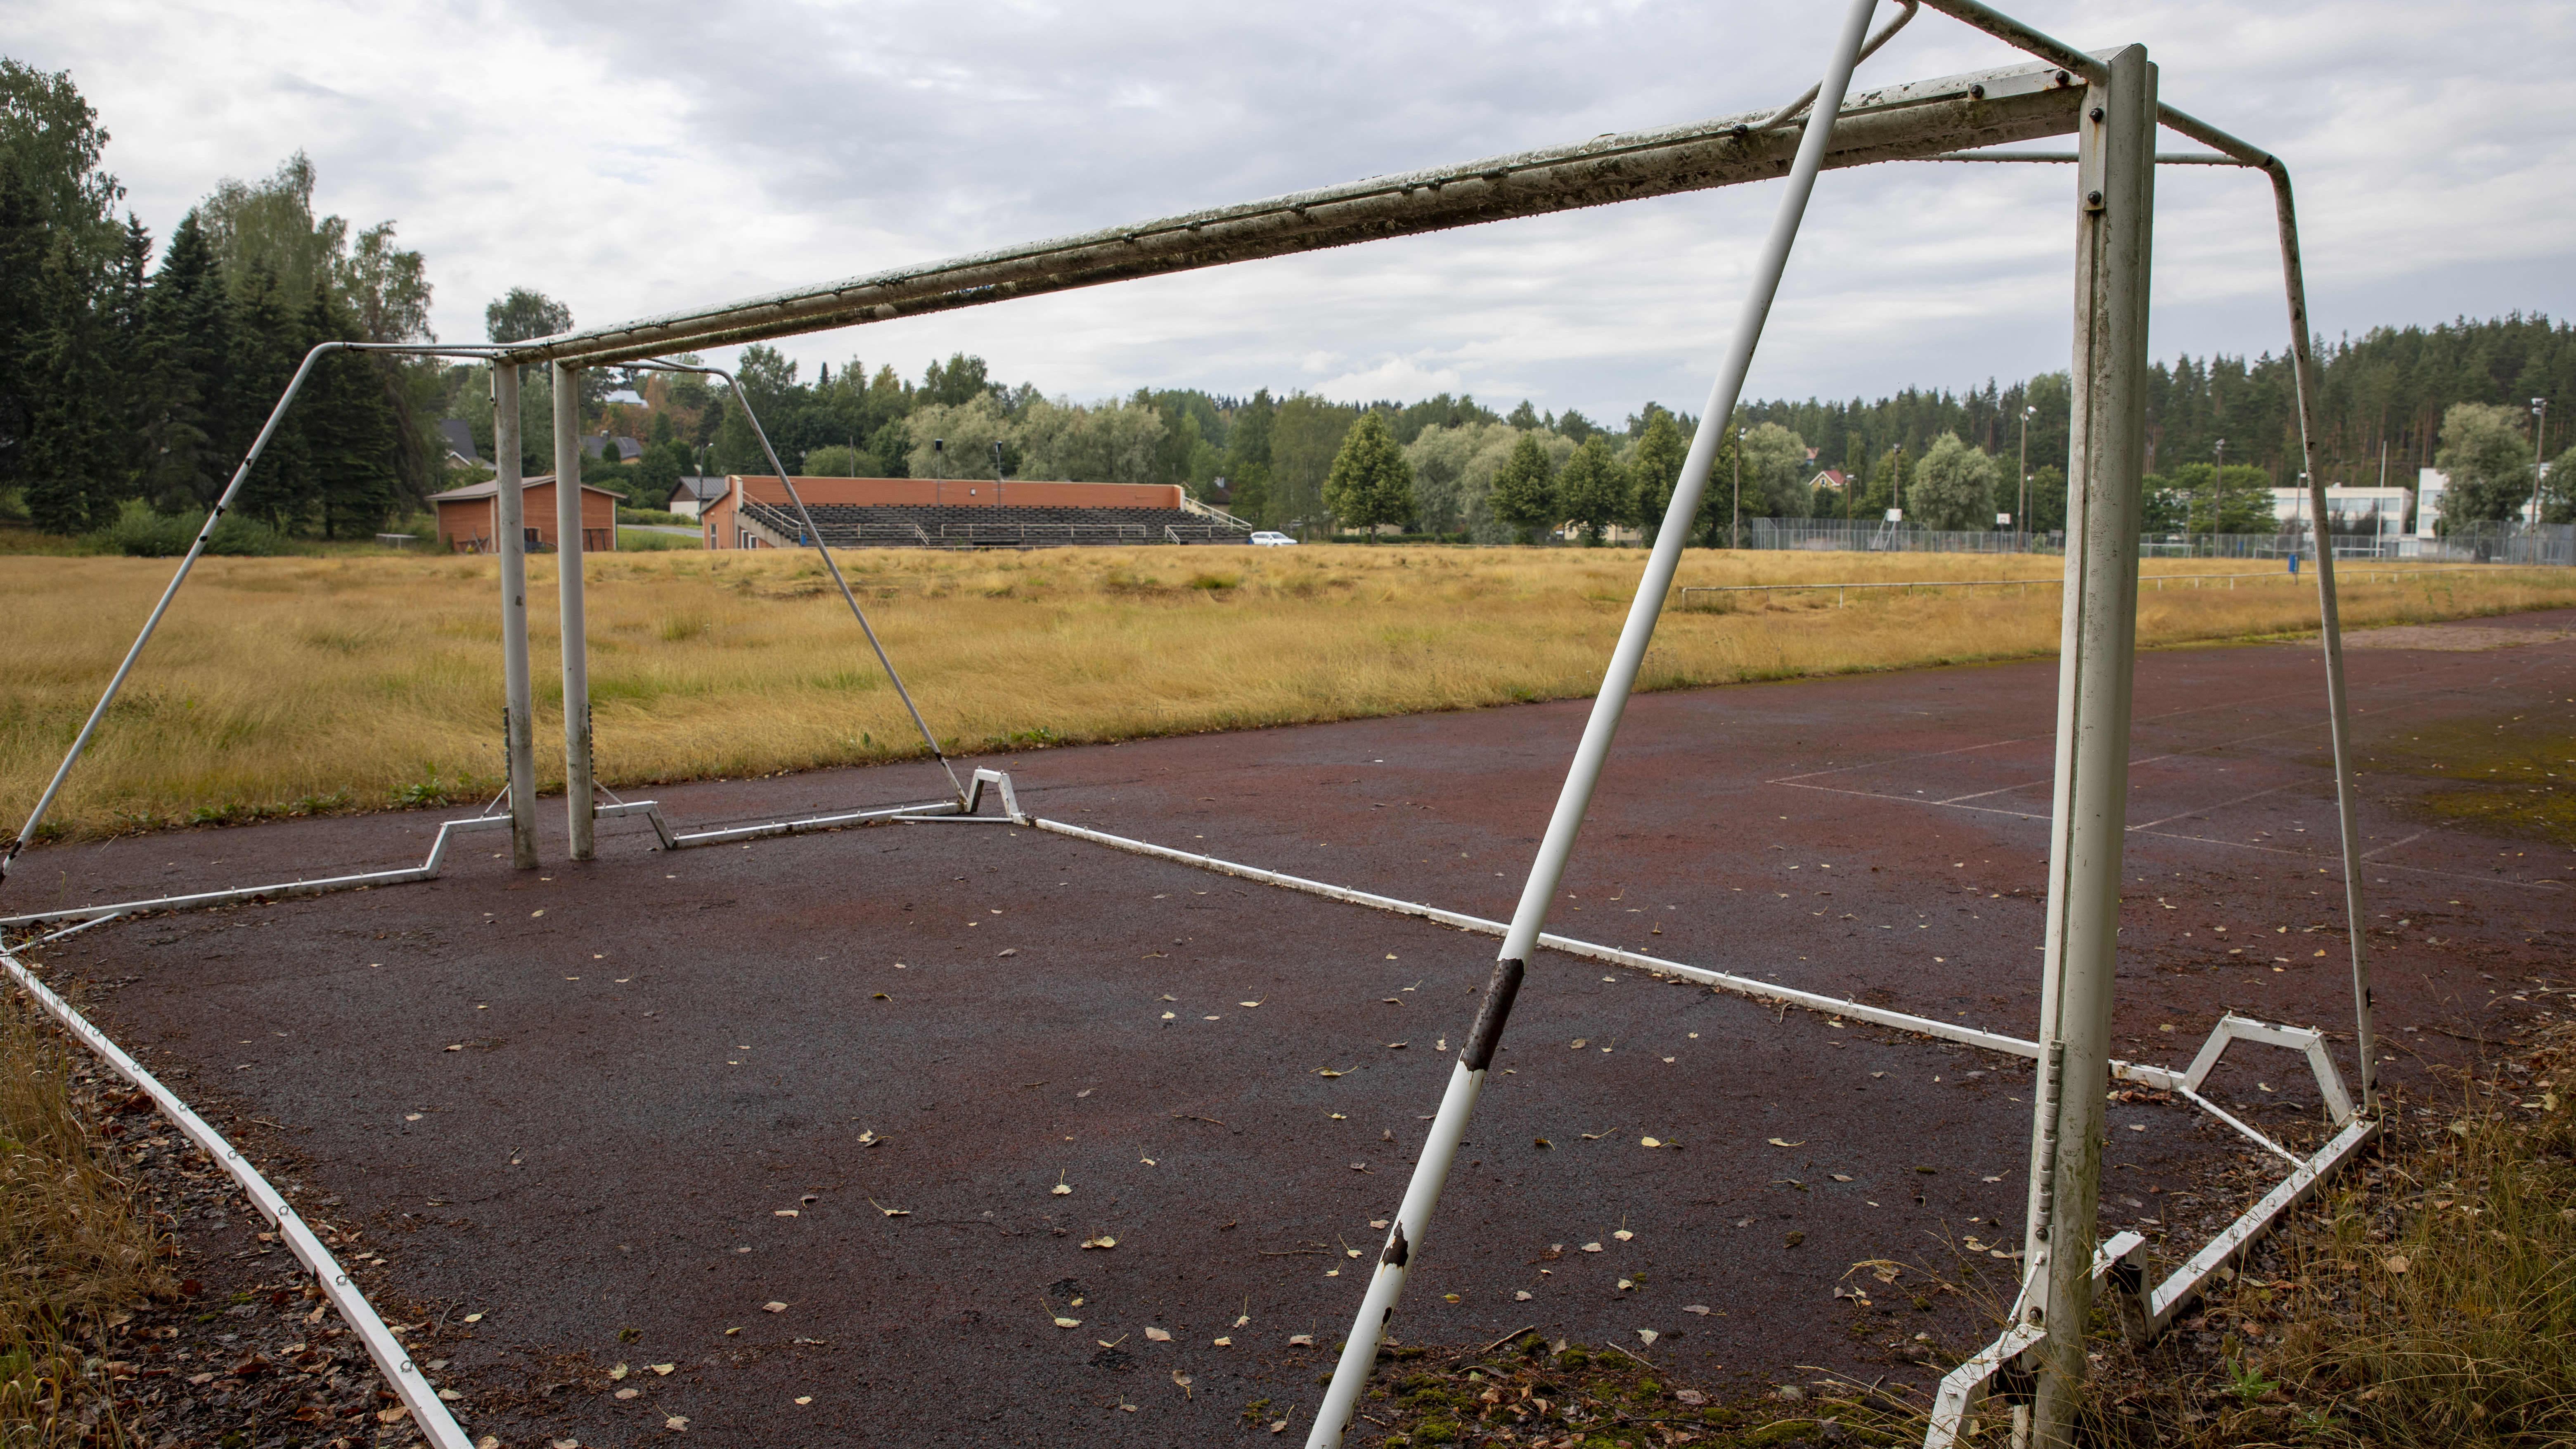 Sami Hyypiän lapsuuden kenttä on päästetty kasvamaan korkeaa heinää